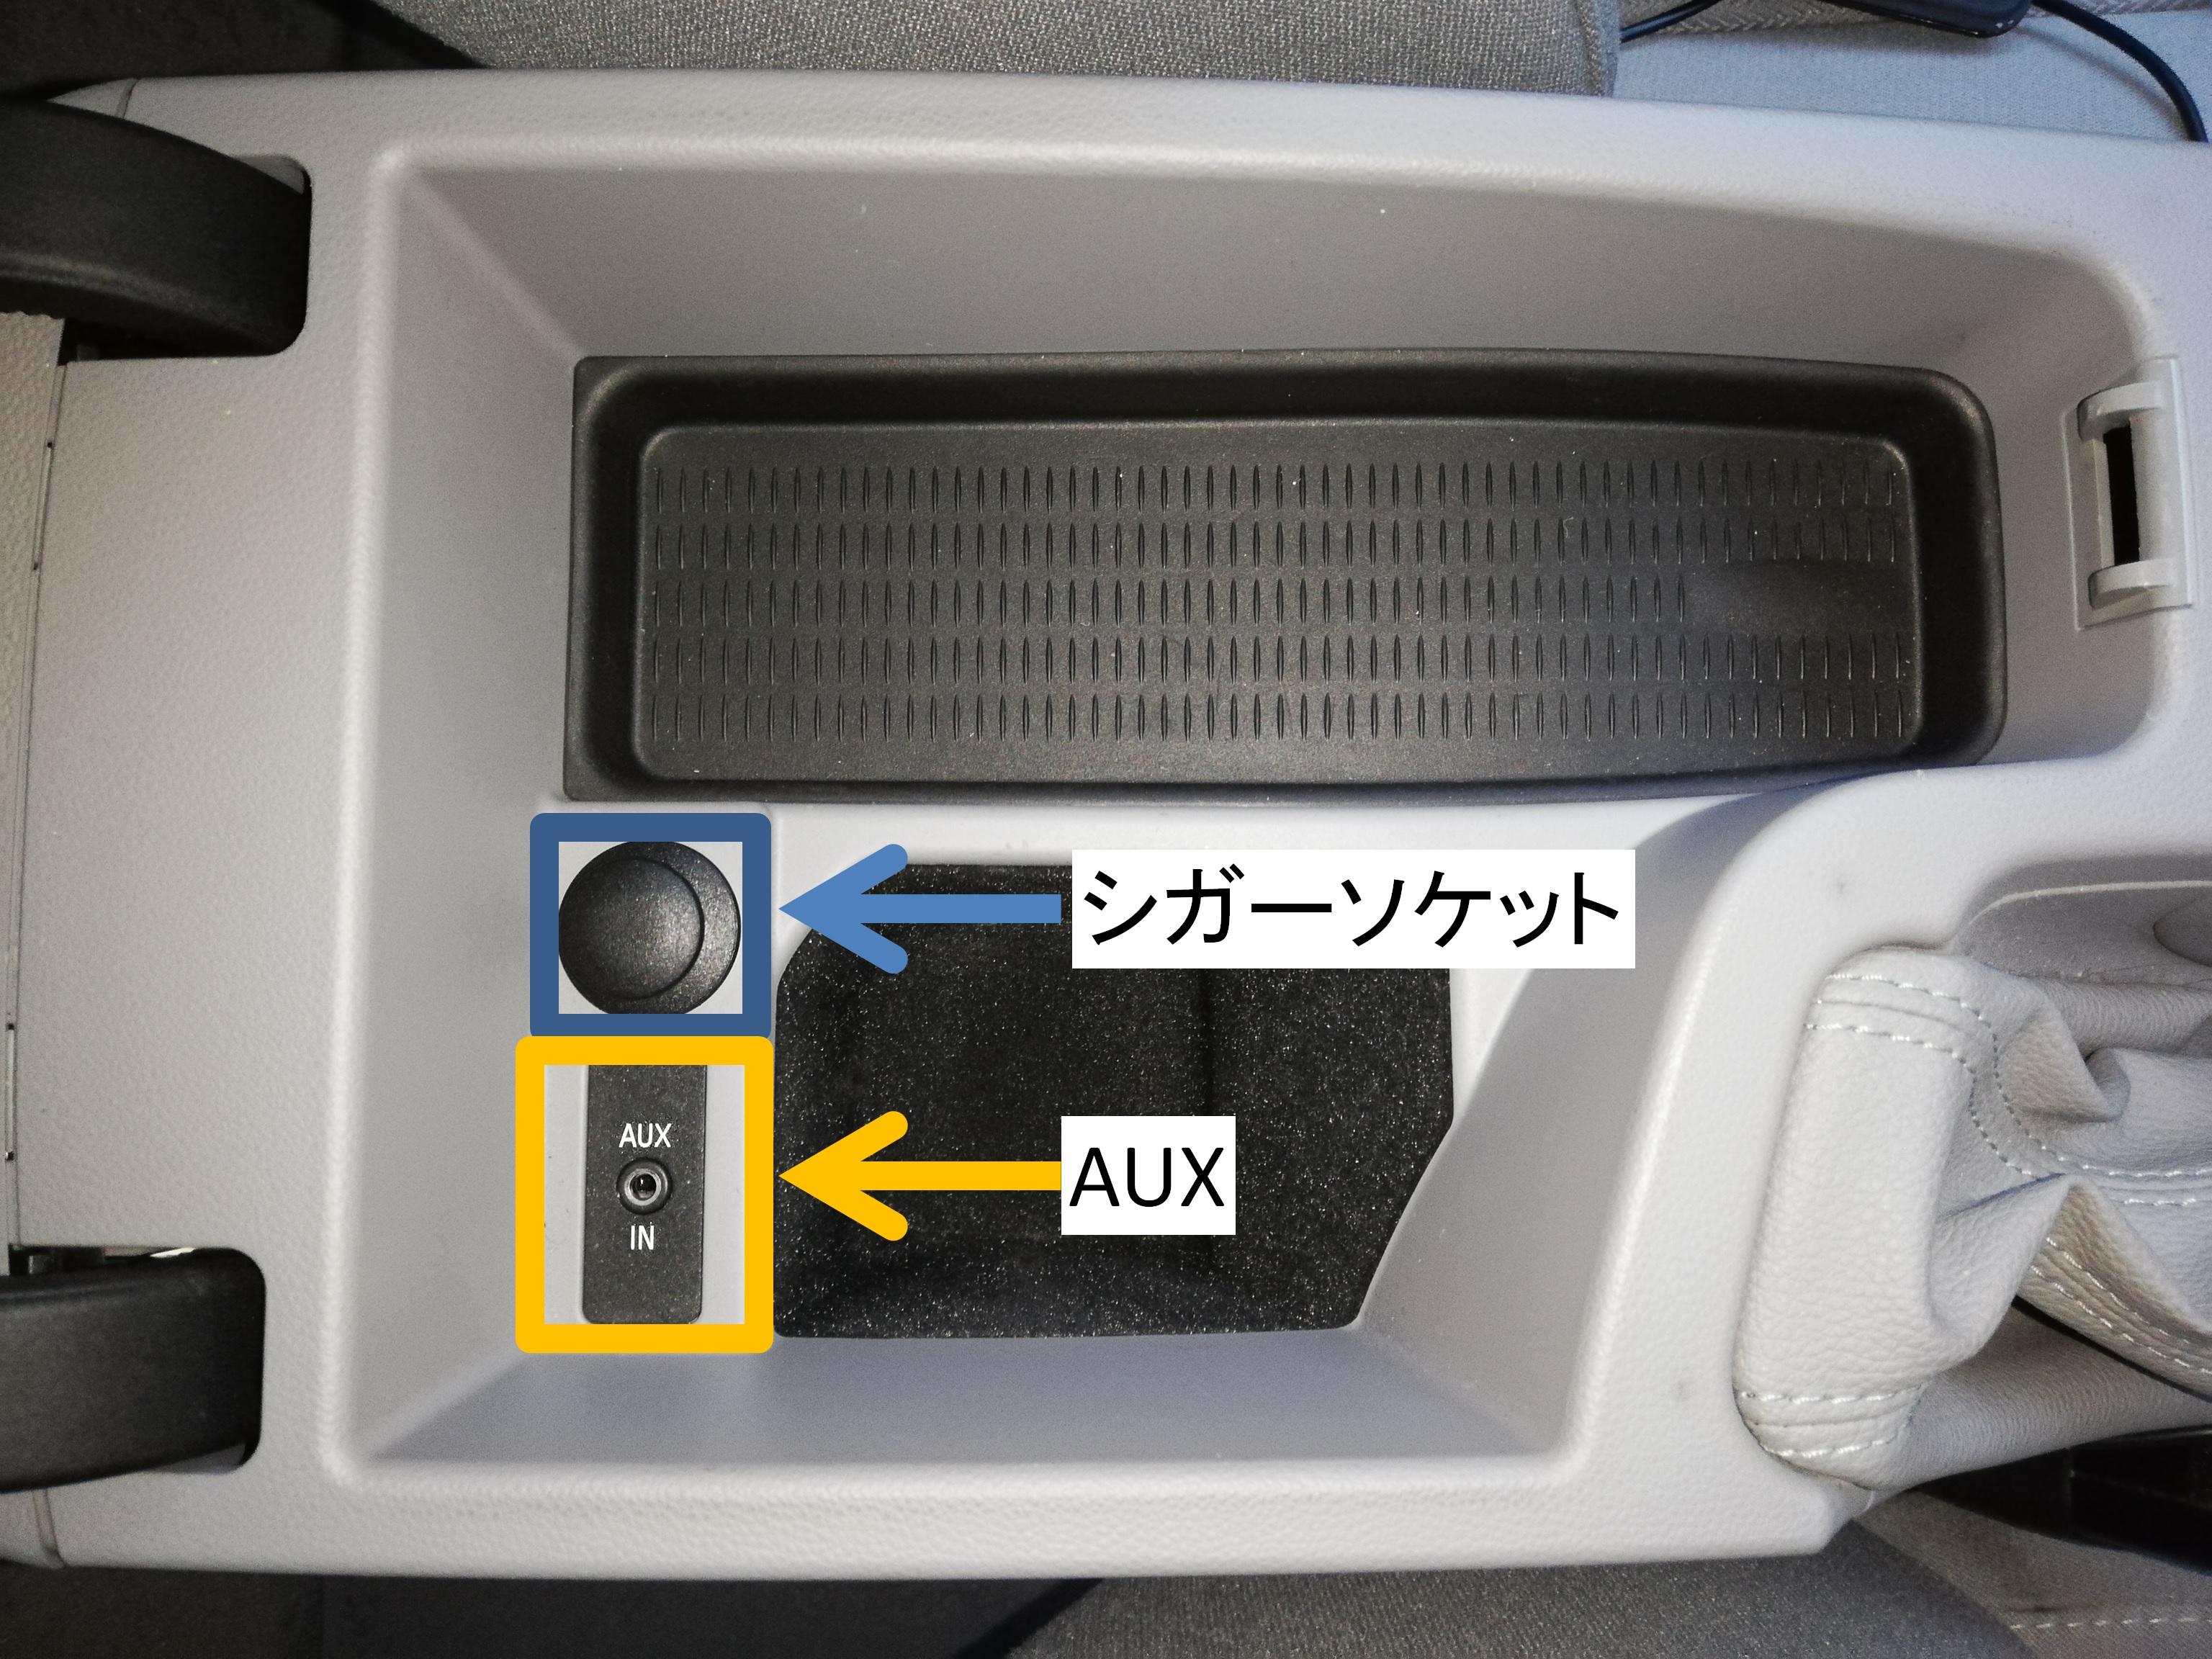 超便利!BMWに使える故障診断機を紹介!ODB診断機 C110